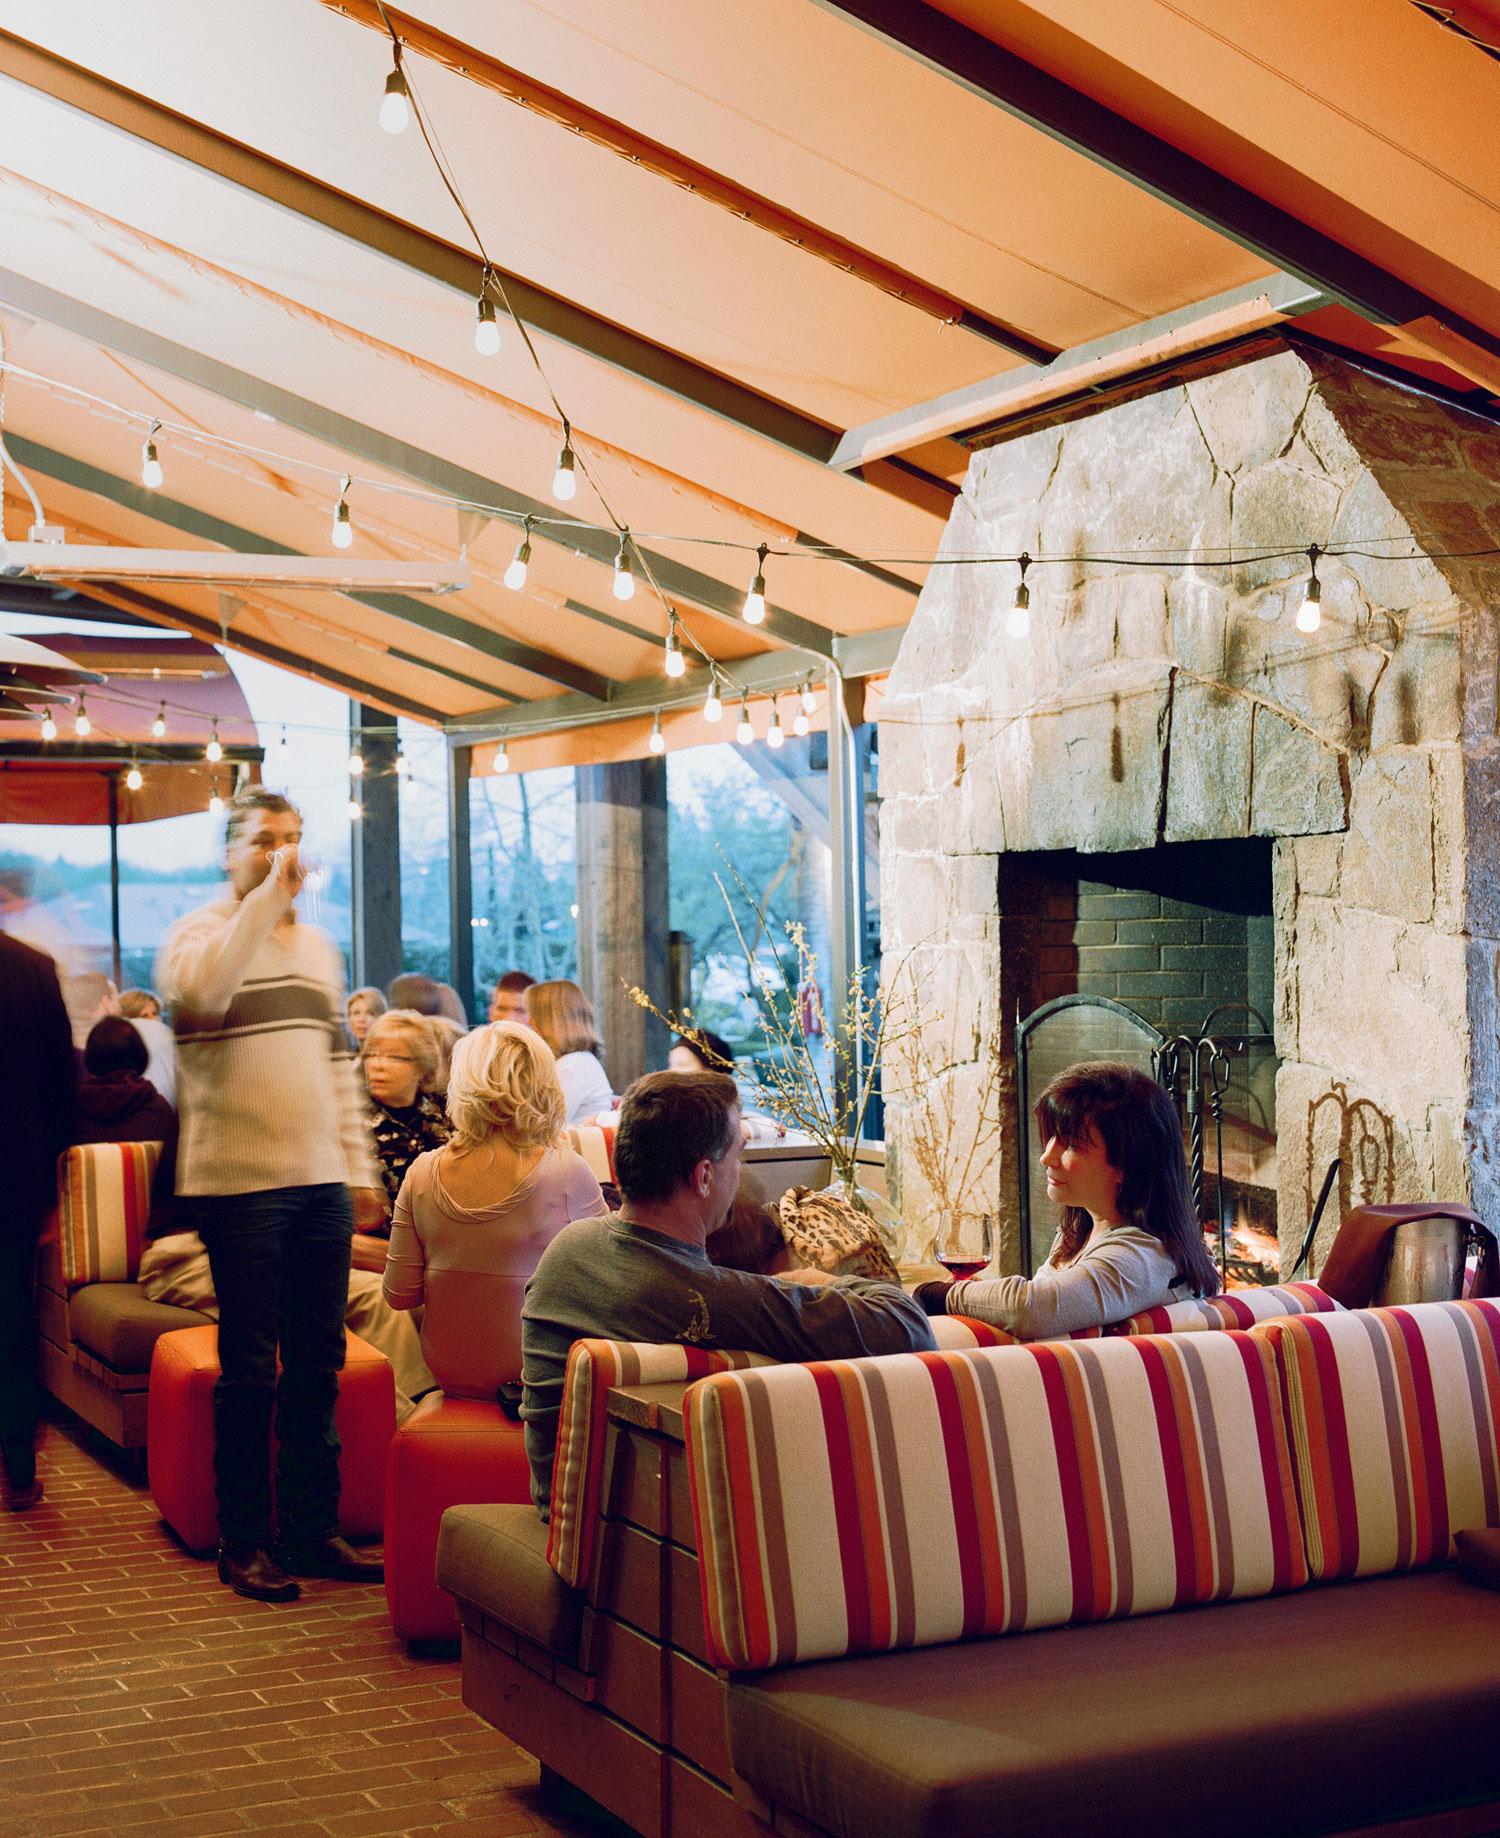 Best Lightbulbs For Overhead Living Room